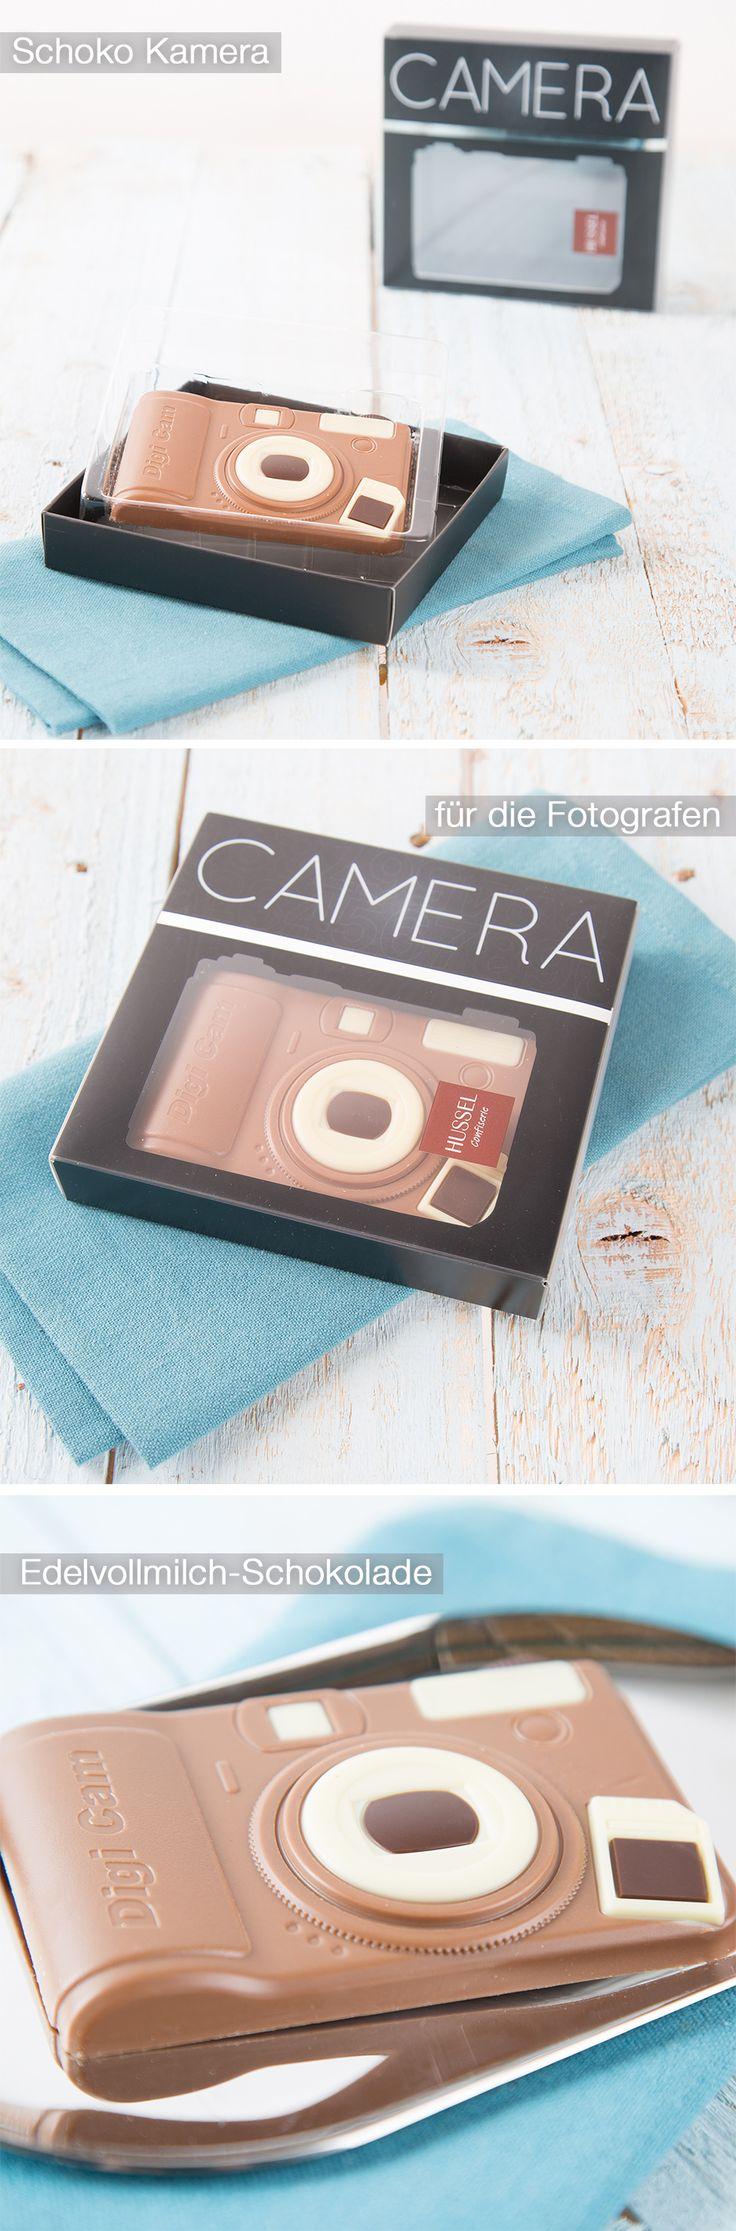 Hussel Confiserie | Kamera aus Schokolade DIGI CAM | online kaufen